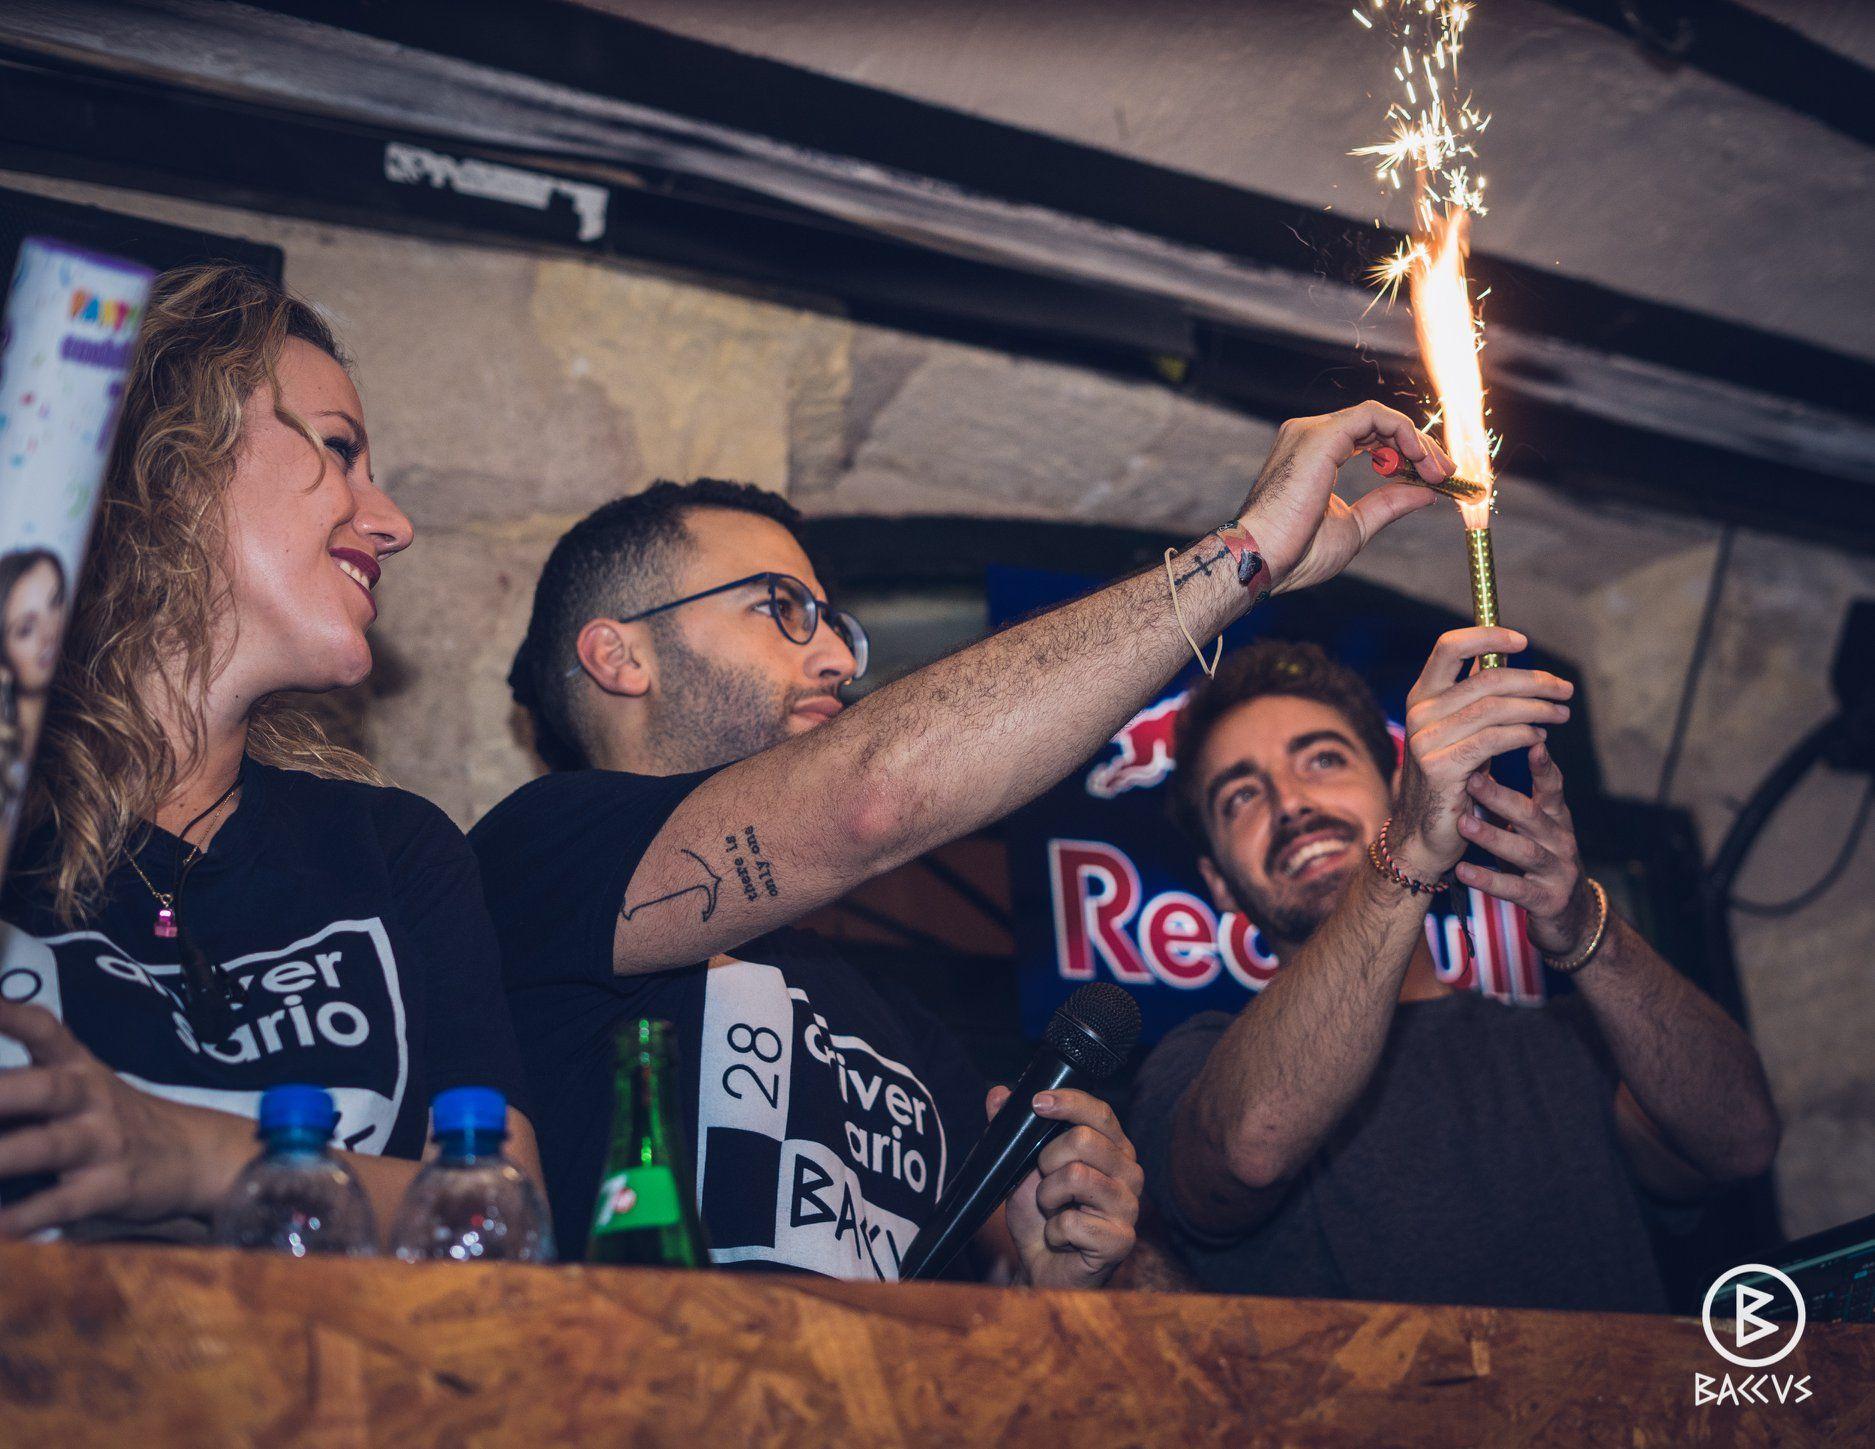 Pub Baccus- Hacemos fiestas privadas